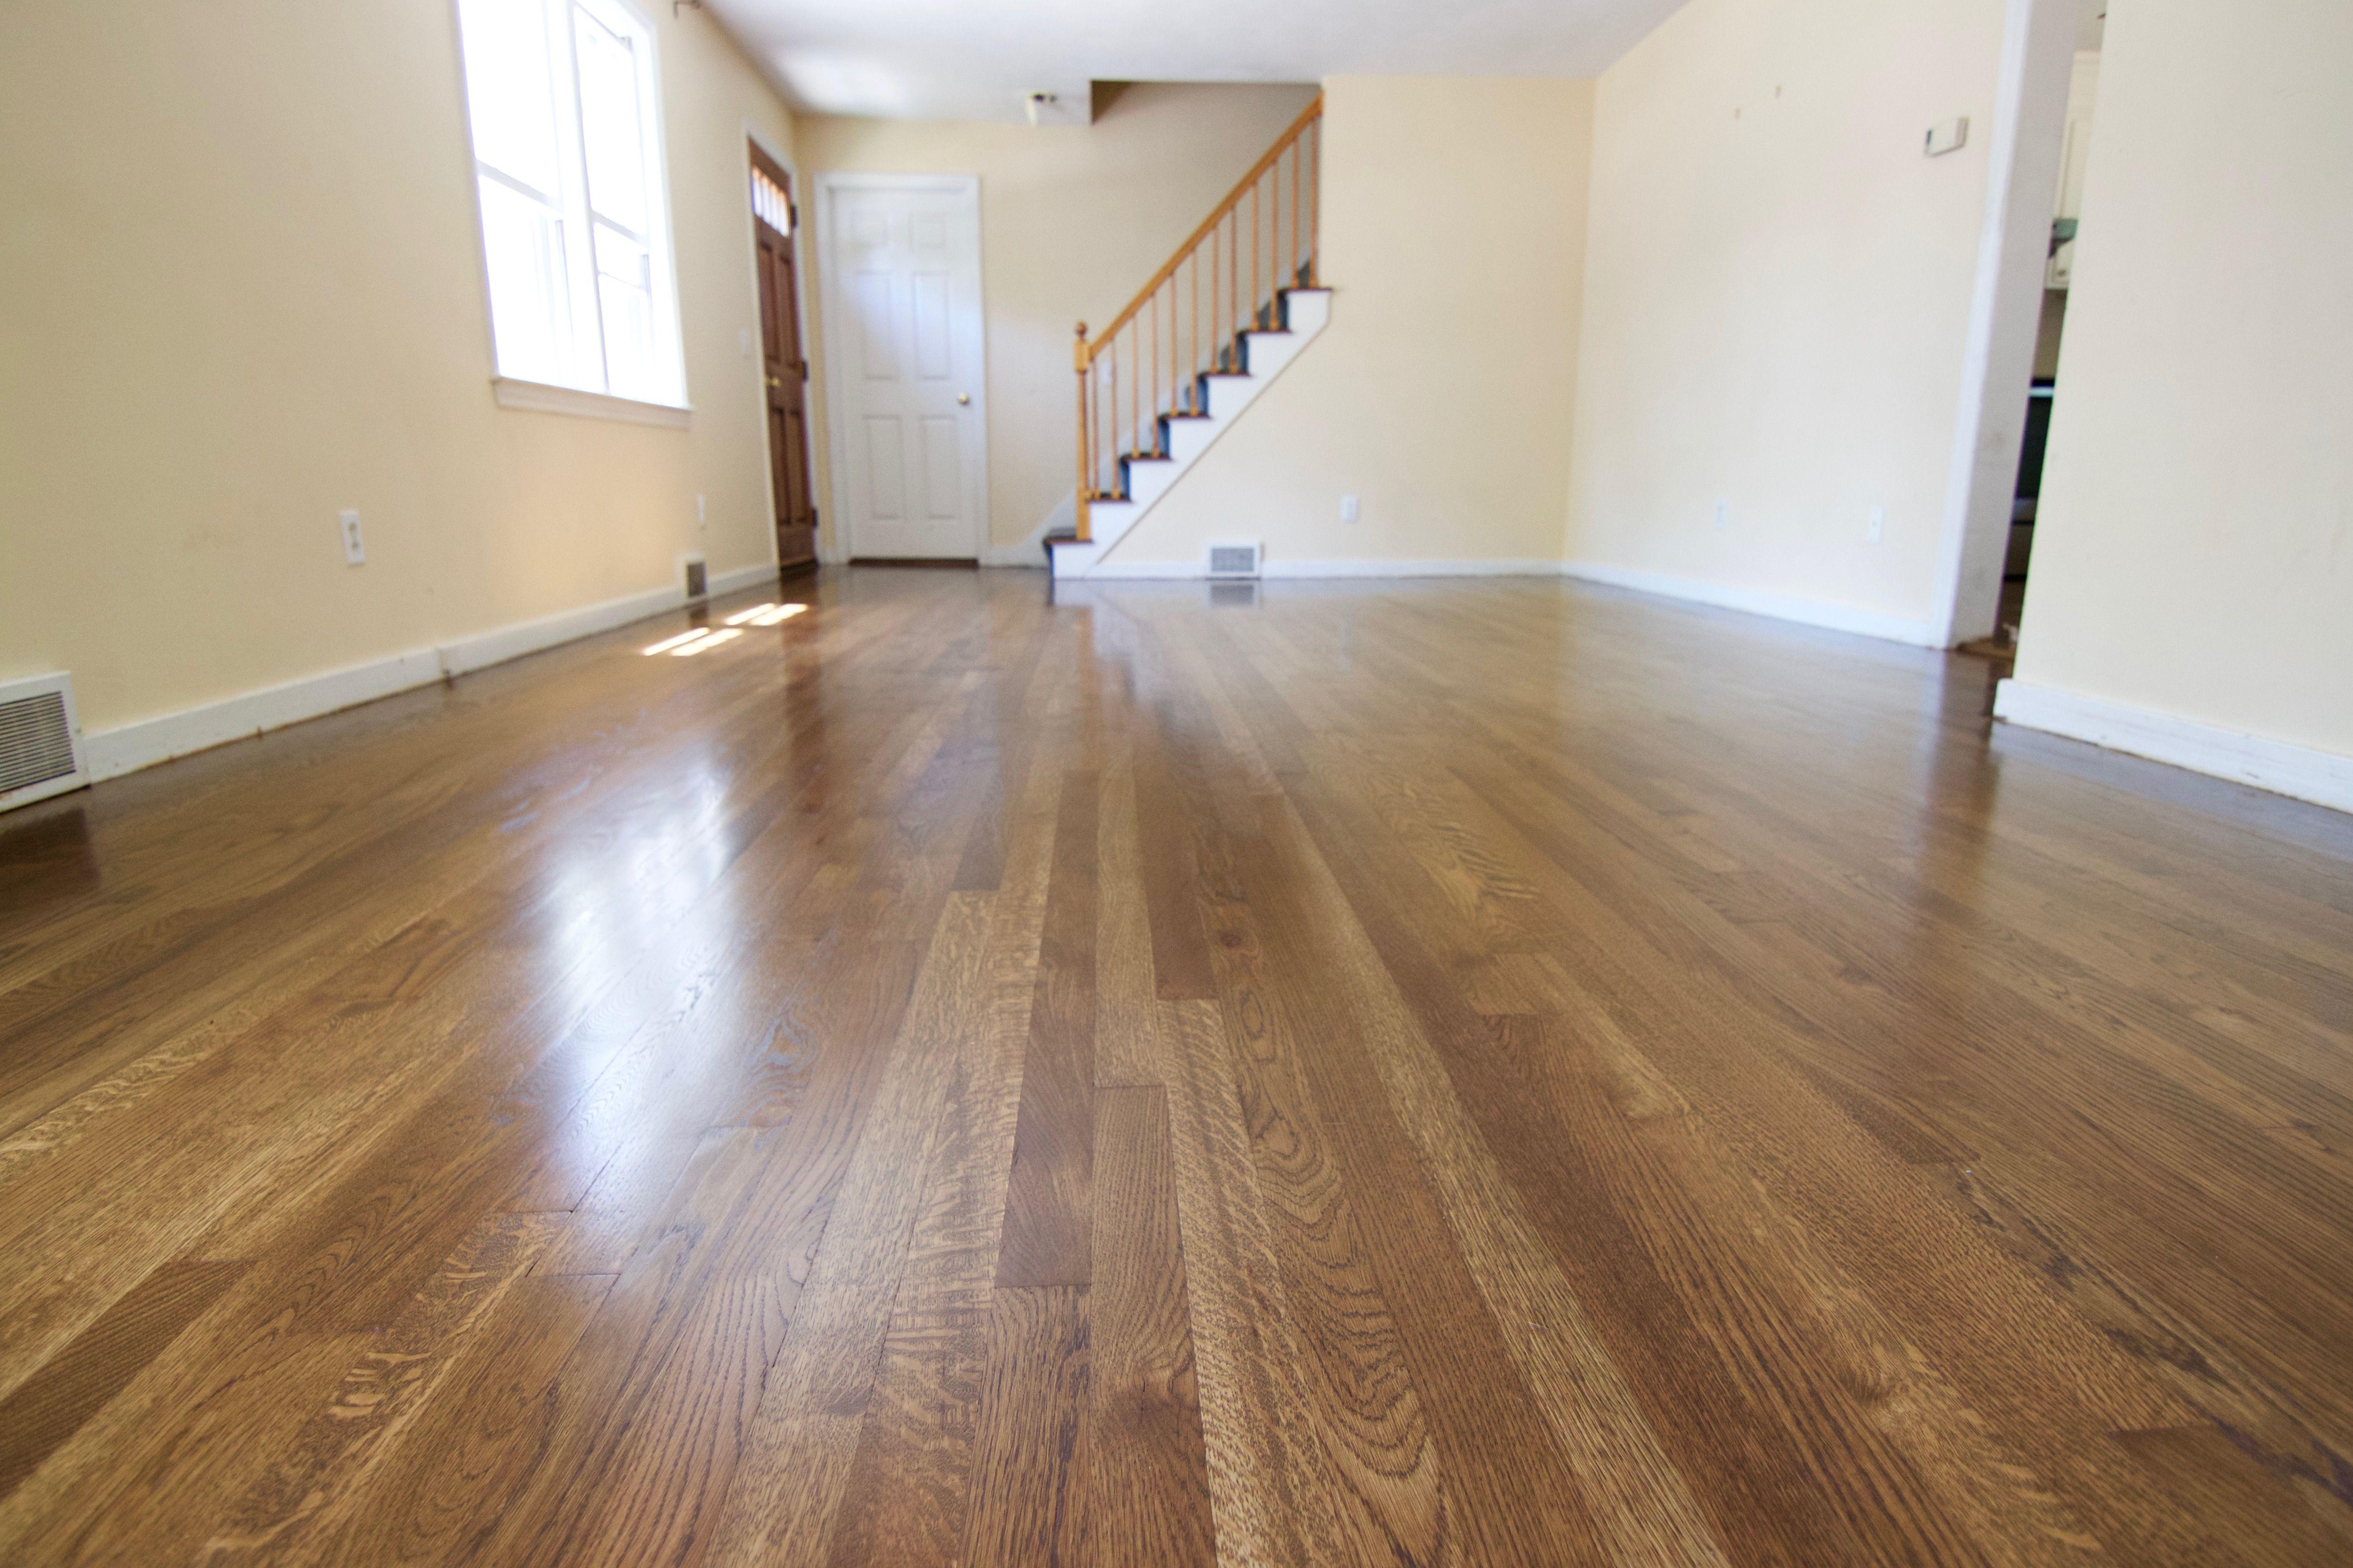 White oak hardwood flooring stained with Bona Medium